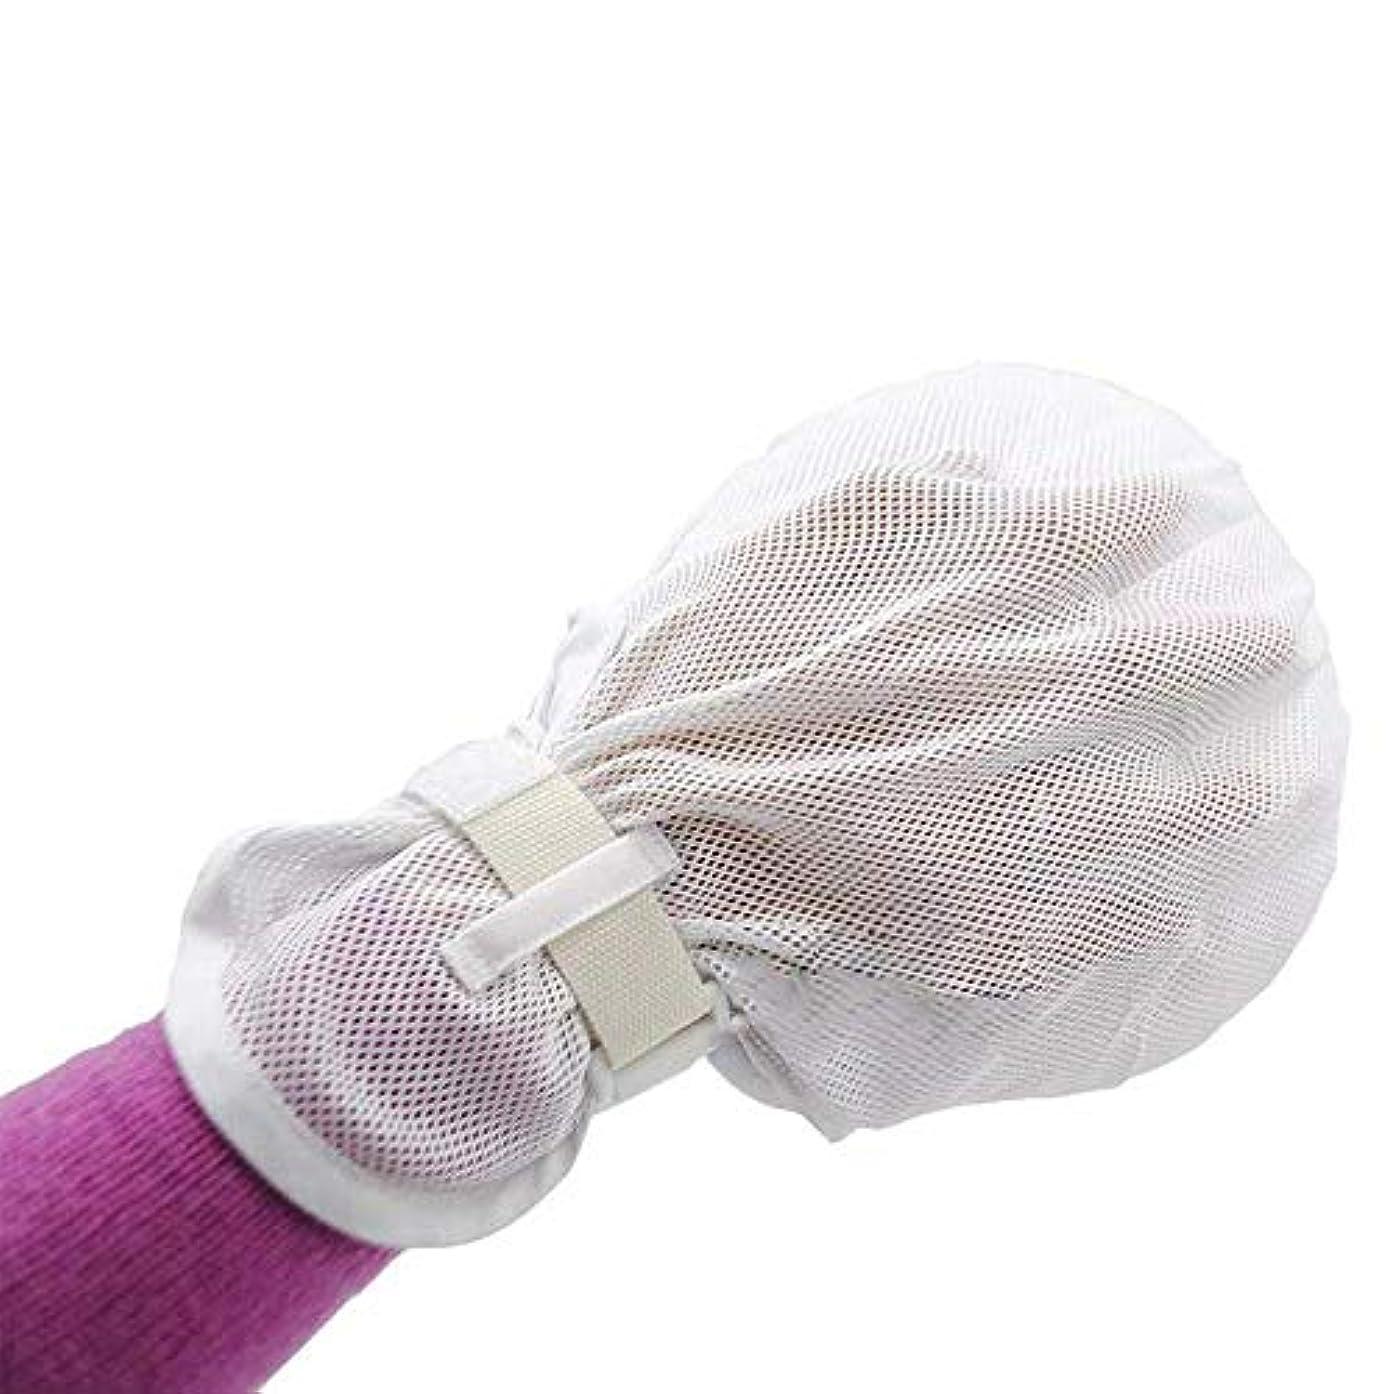 湿ったパプアニューギニア宇宙の安全管理ミット自己怪我ベッドレスト寝たきり患者ケア製品指の制御拘束ミット反抜管手袋予防